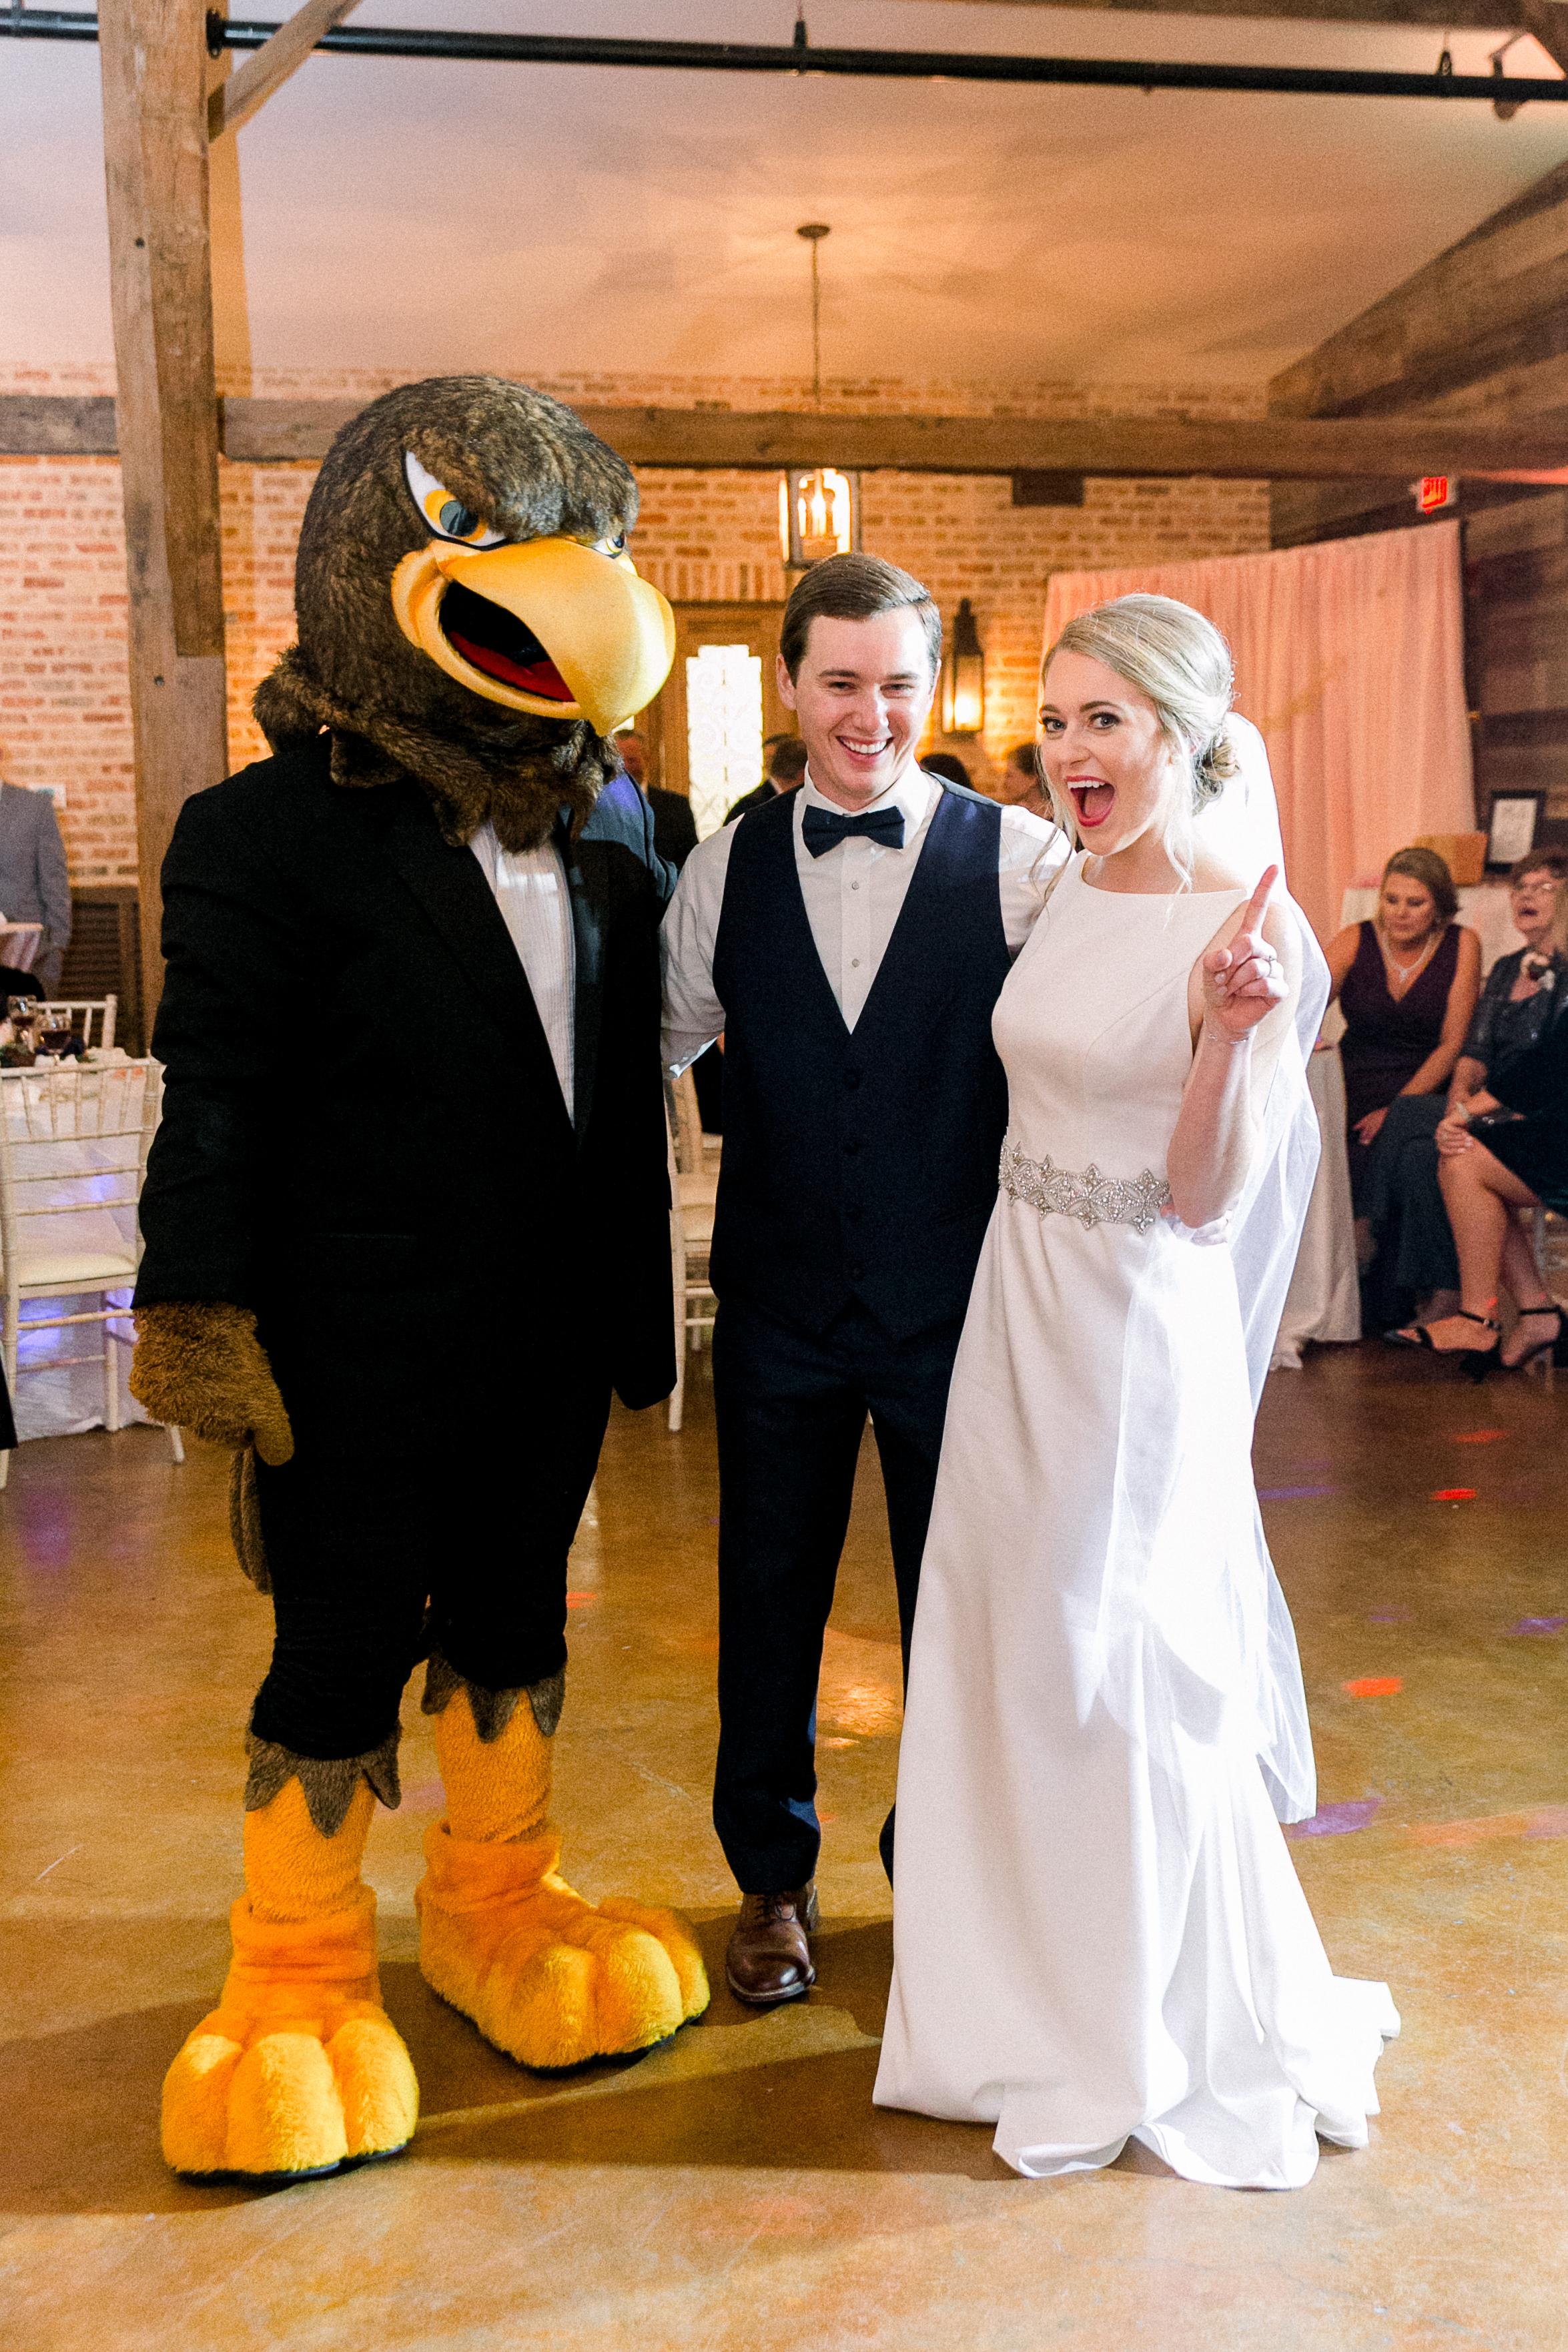 689_Rachel & Drew Wedding__Recptn_Lindsay Ott Photog_2018.jpg